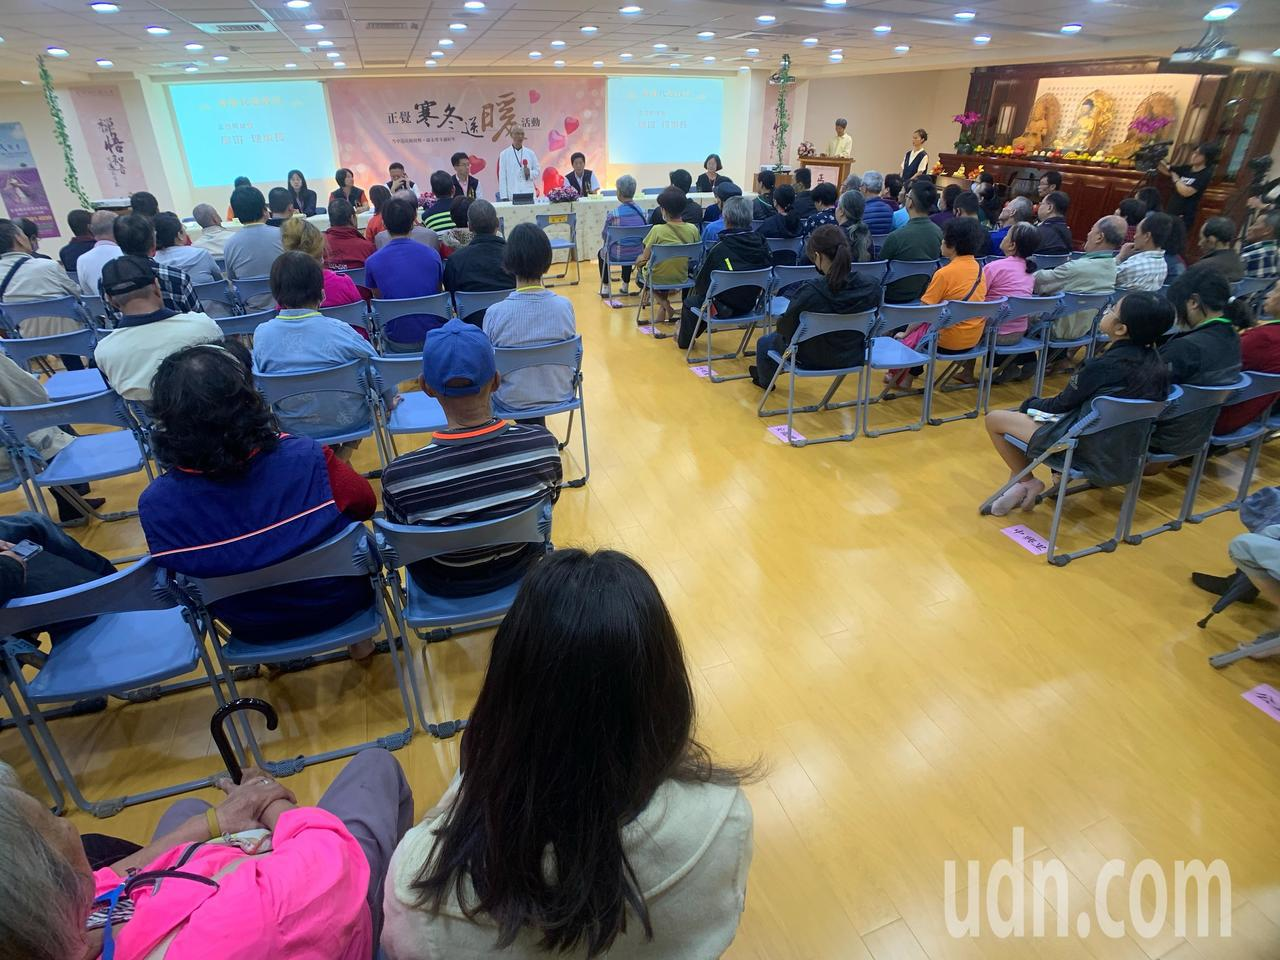 今天的活动共有台中市西区10个里和南屯区2个里约120名里民出席。记者张念慈/摄...